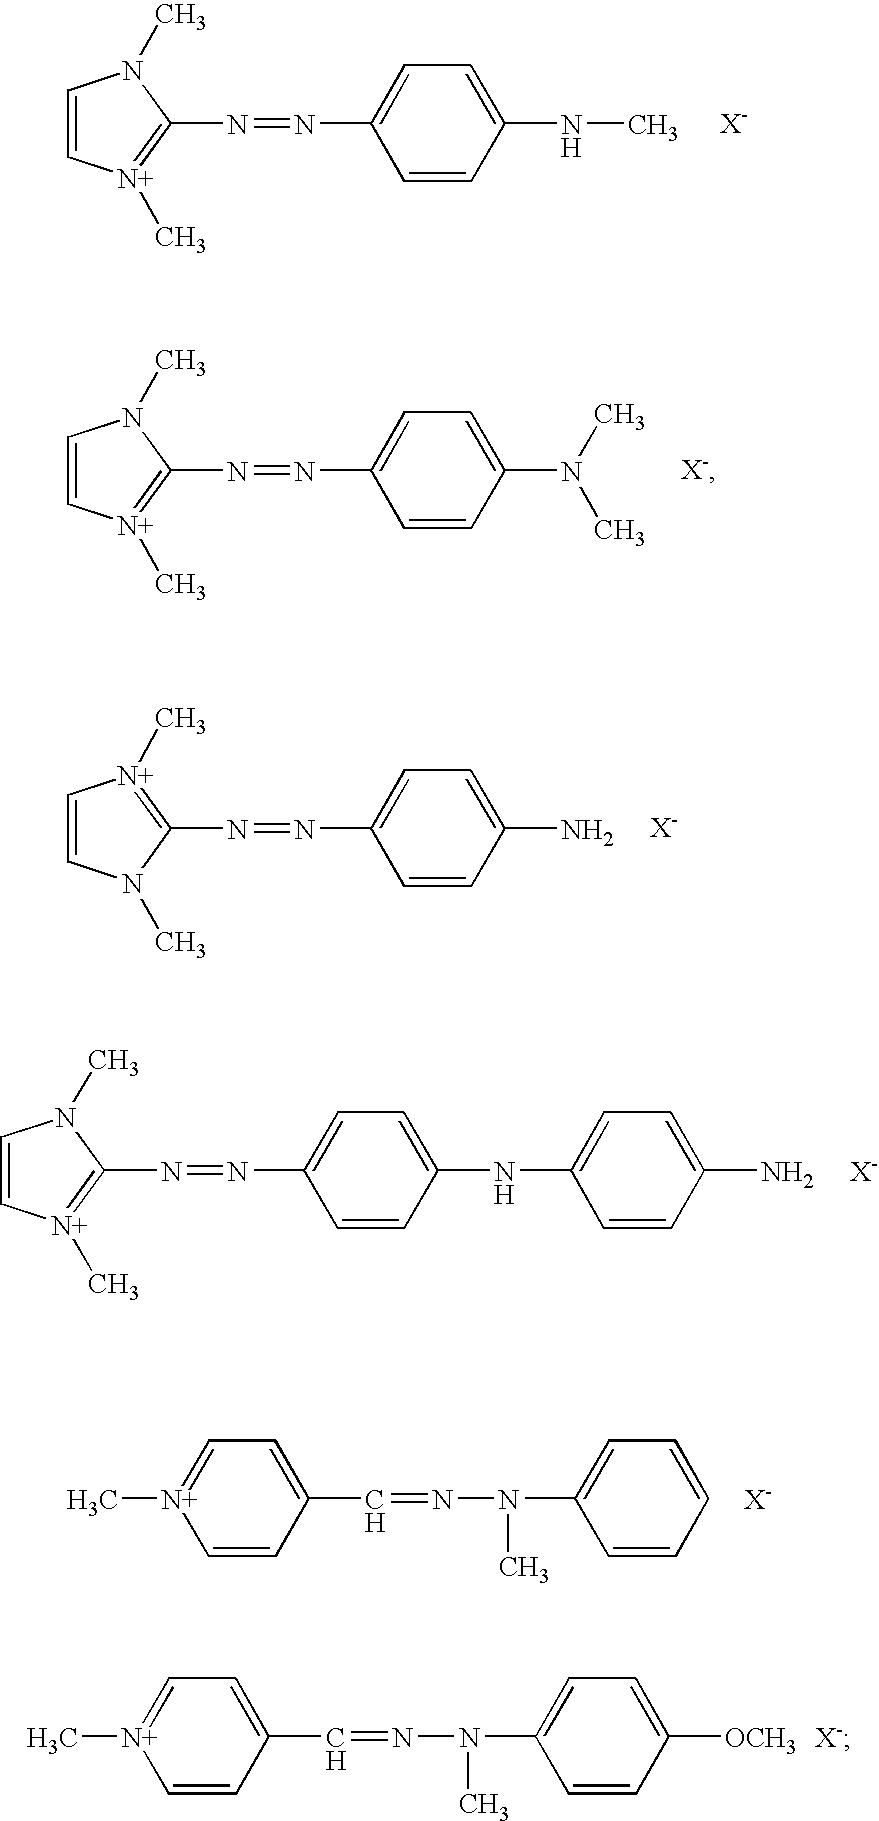 Figure US07927381-20110419-C00014